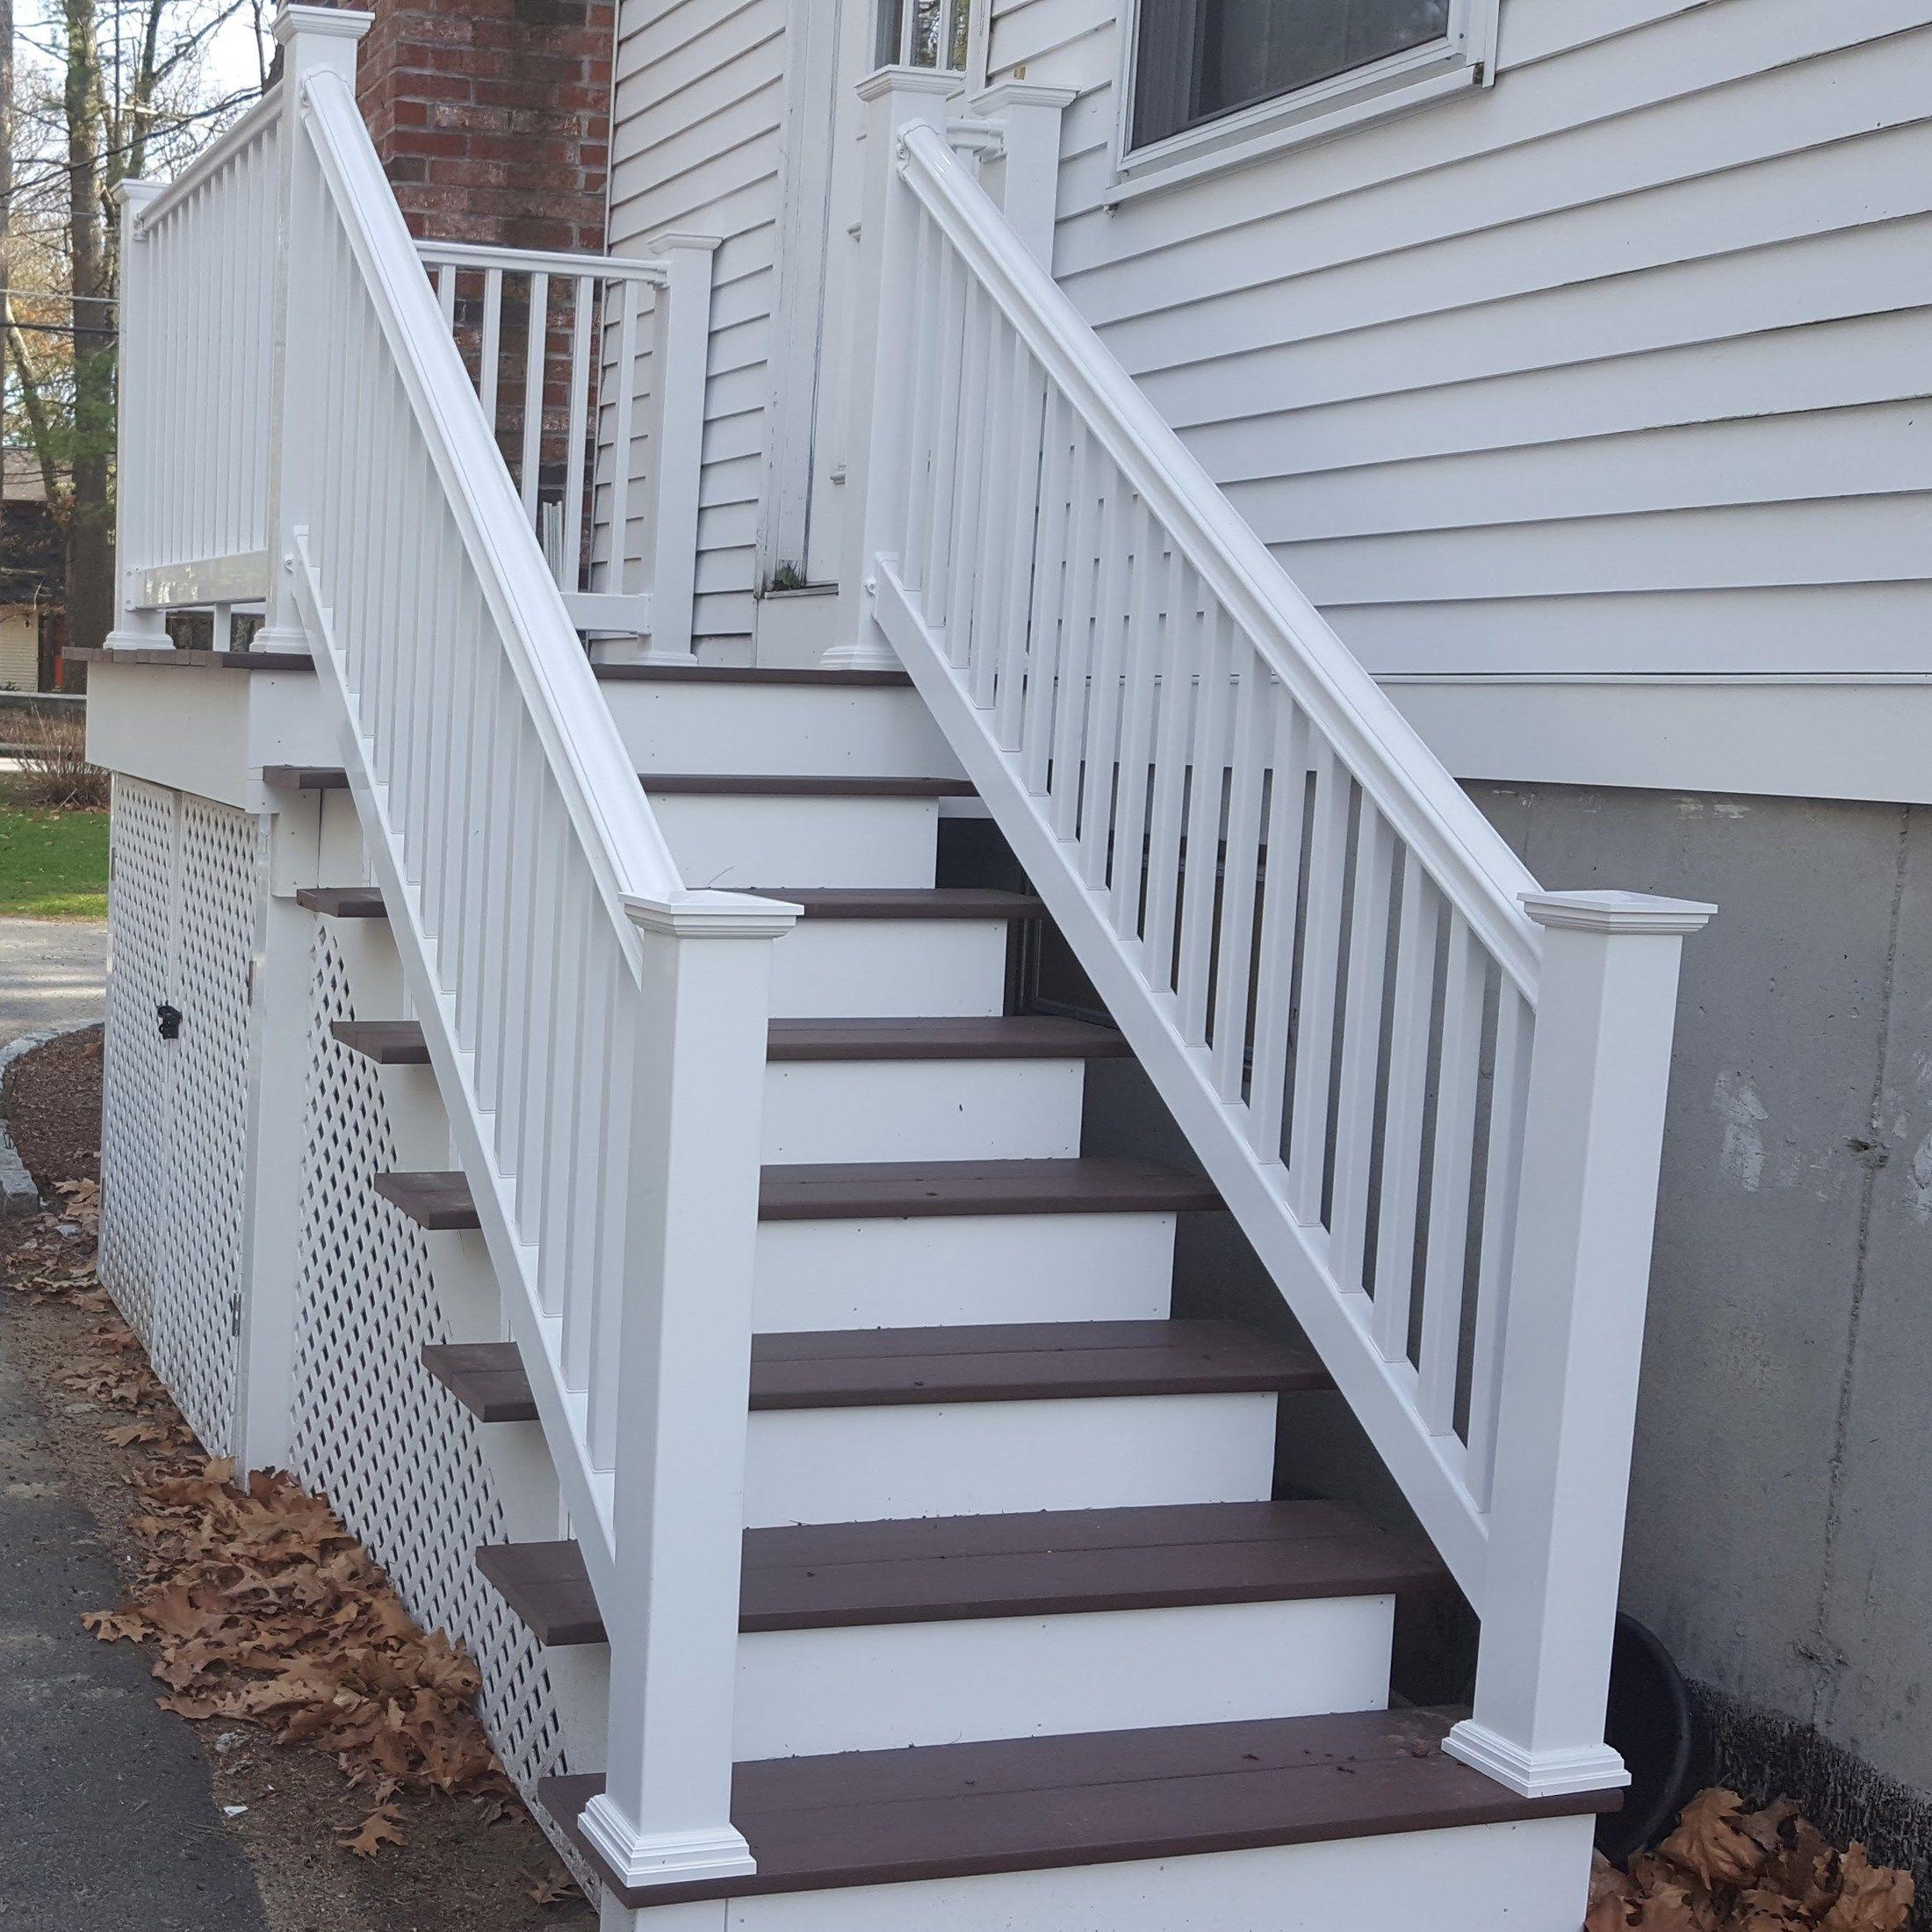 Raised Decking Ideas: Raised Decking: First Floor Deck Pictures & Ideas